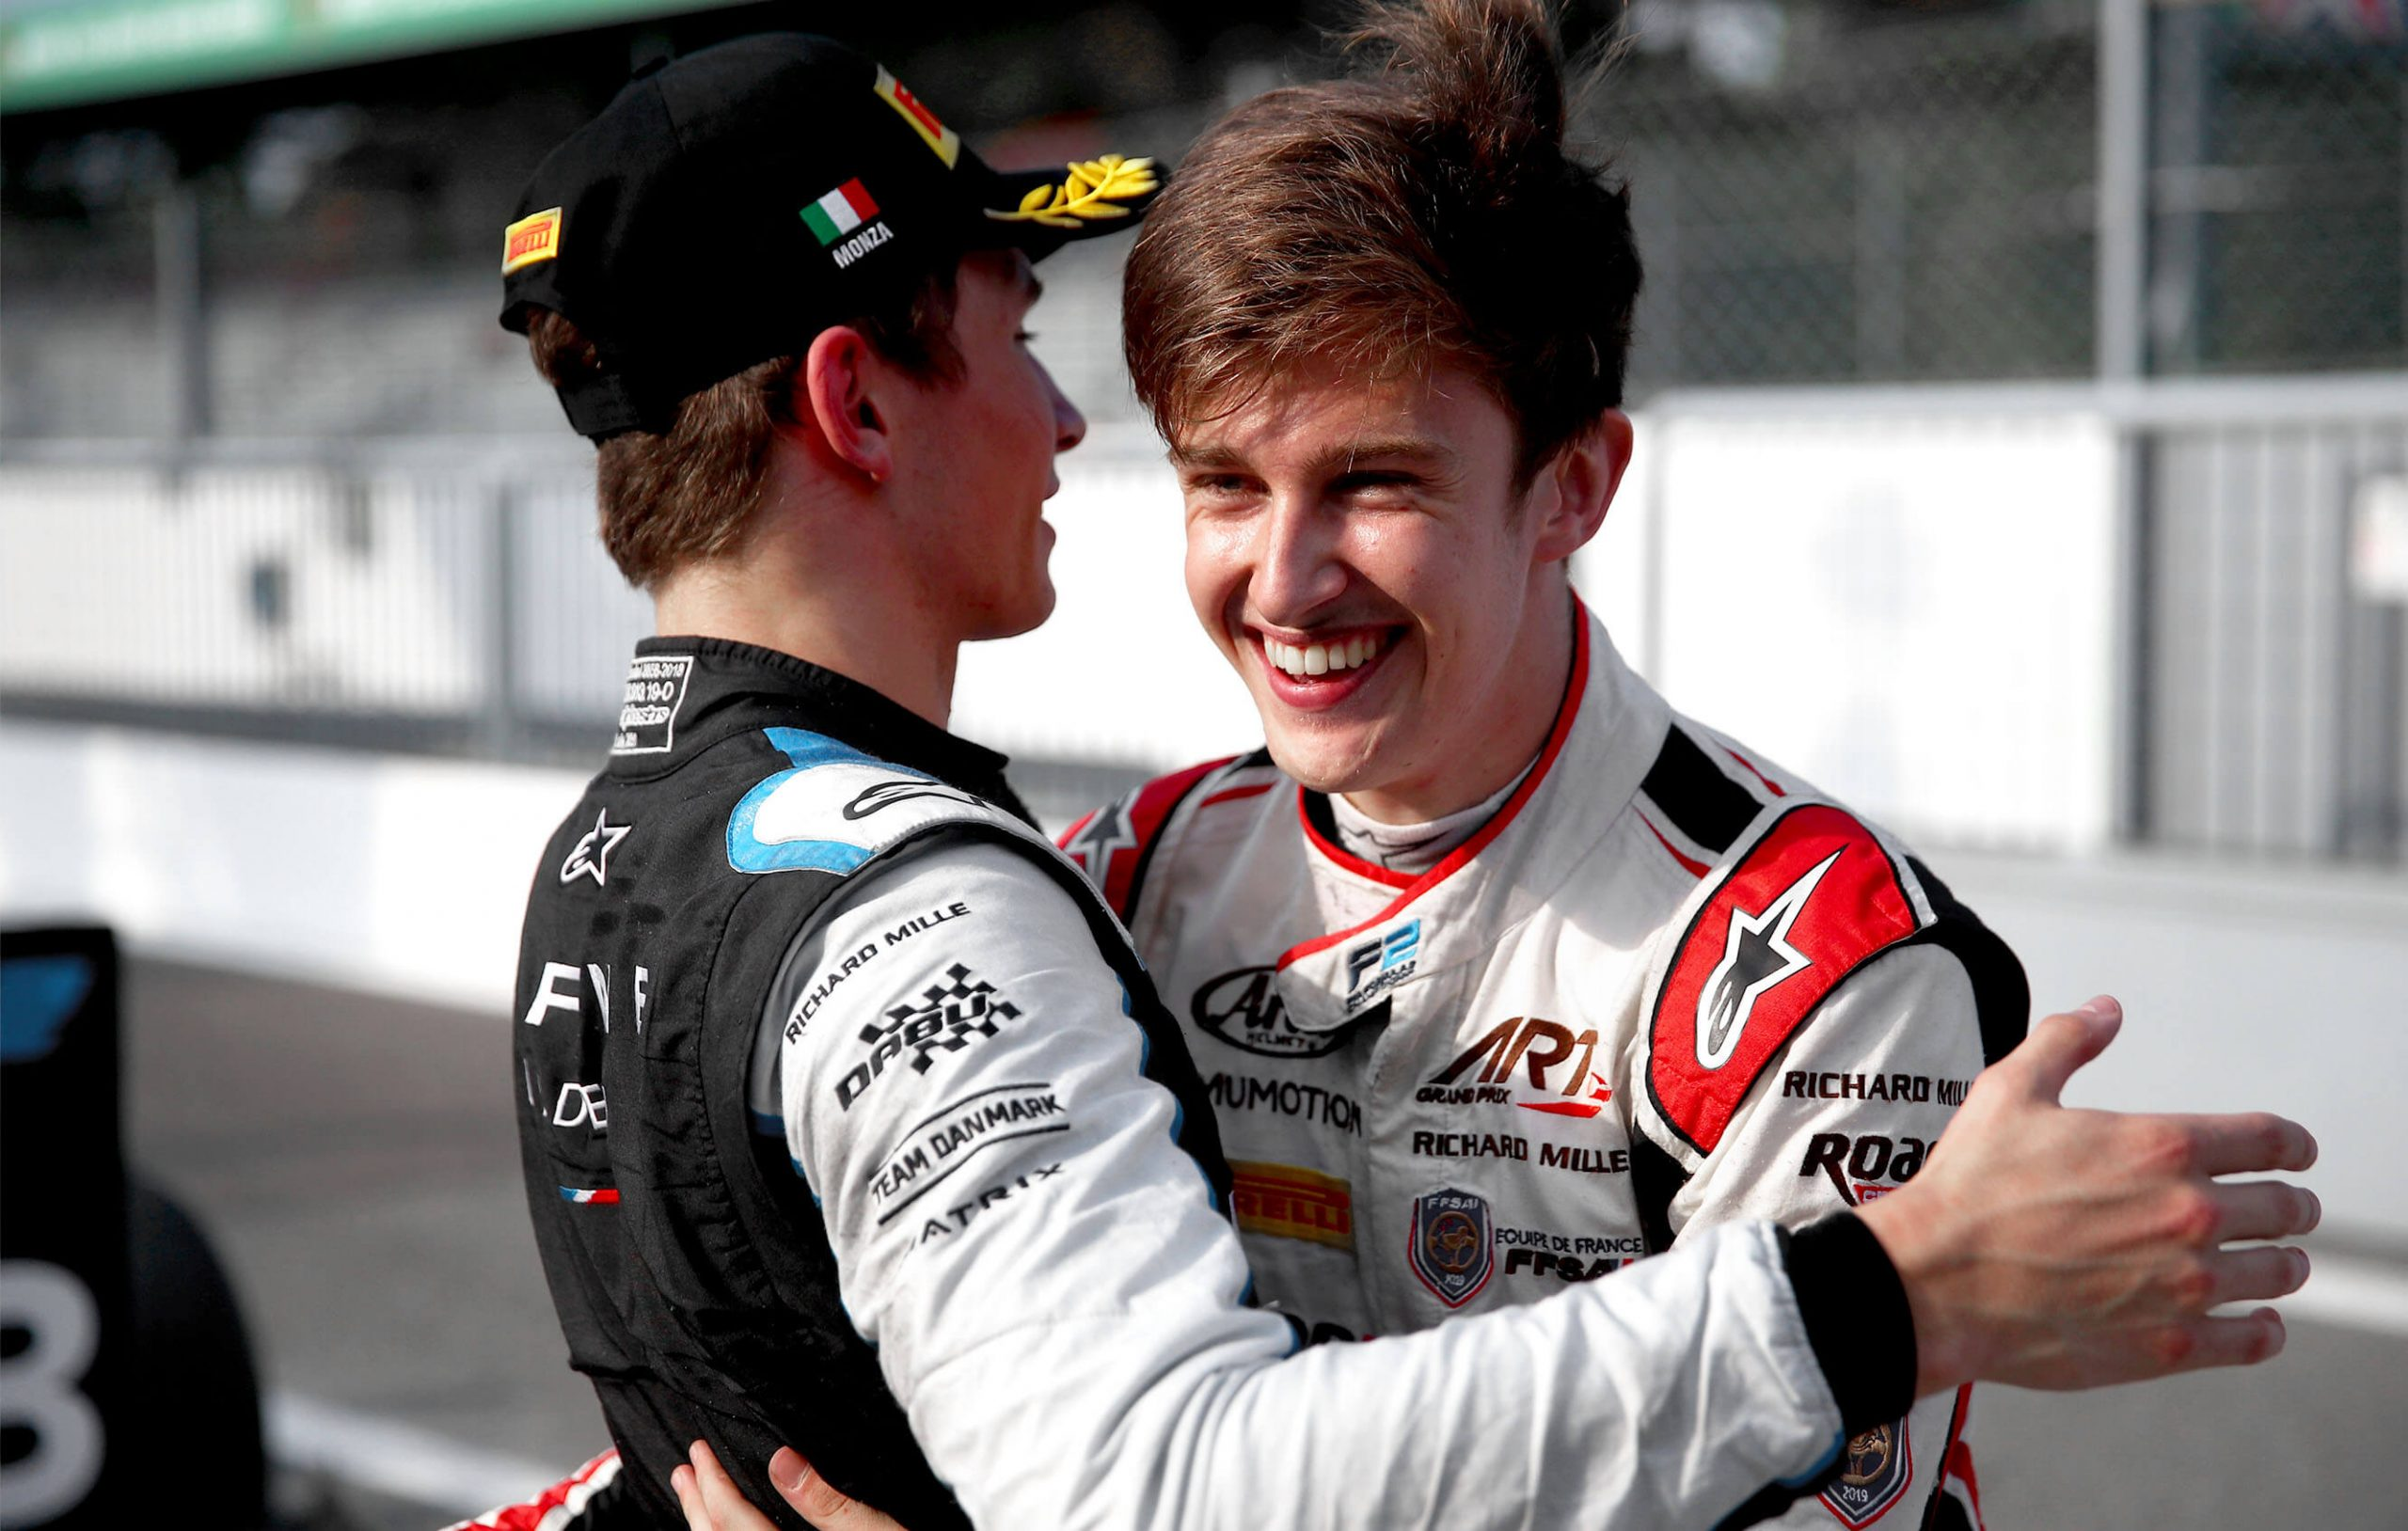 Une victoire et un podium en F2 à Monza !